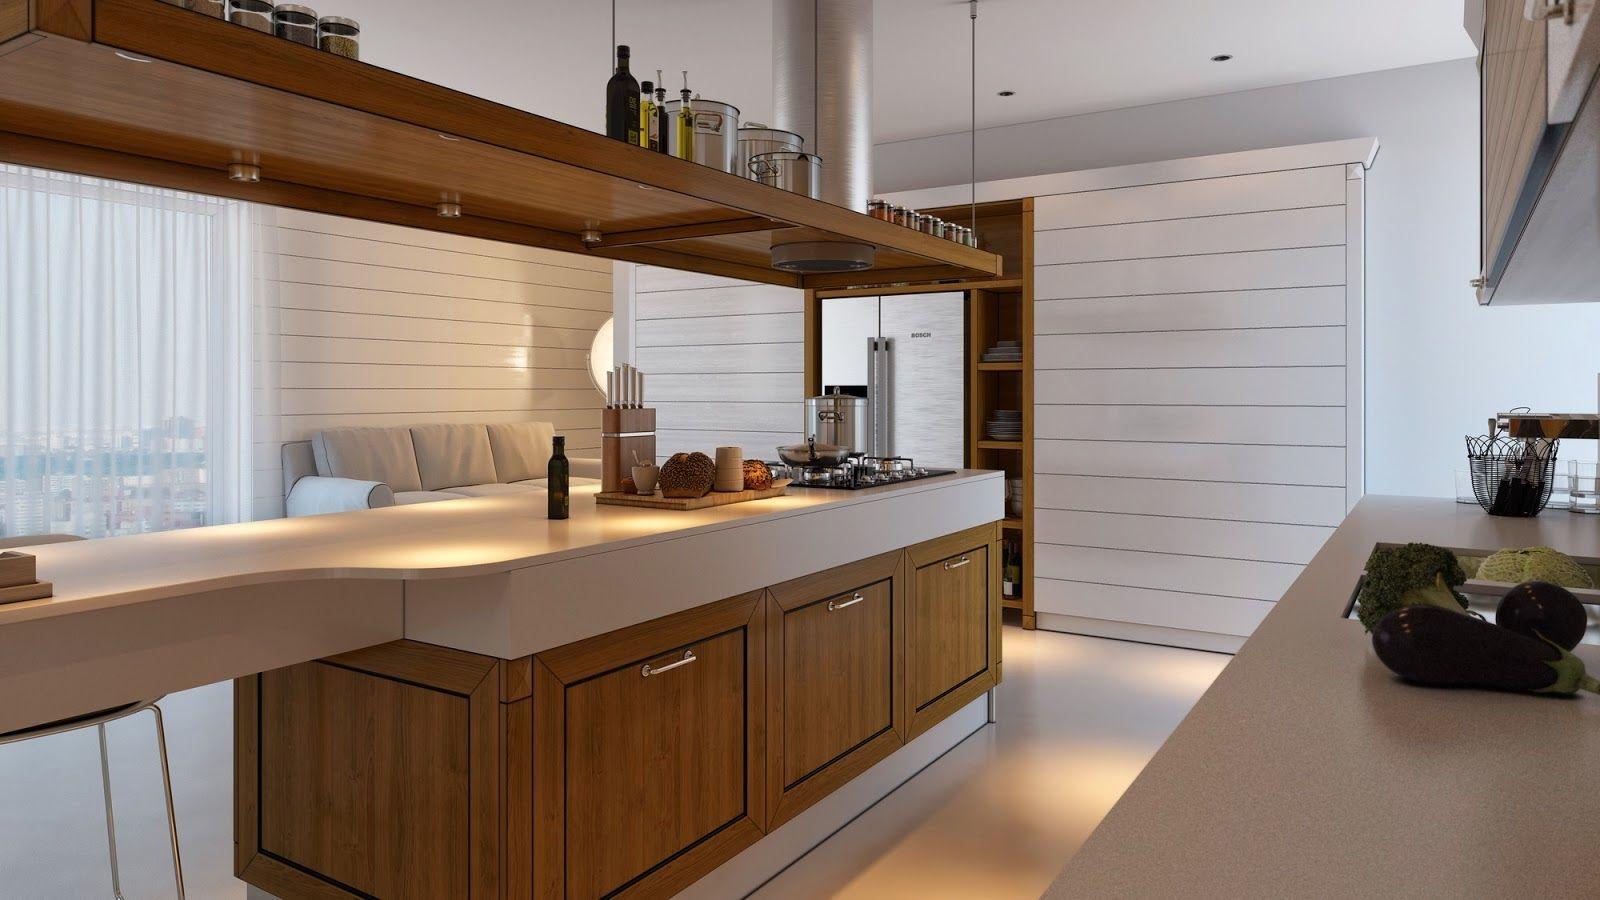 Innenarchitektur für küchenschrank  minimalistische küche design die sie von artem evstigneev